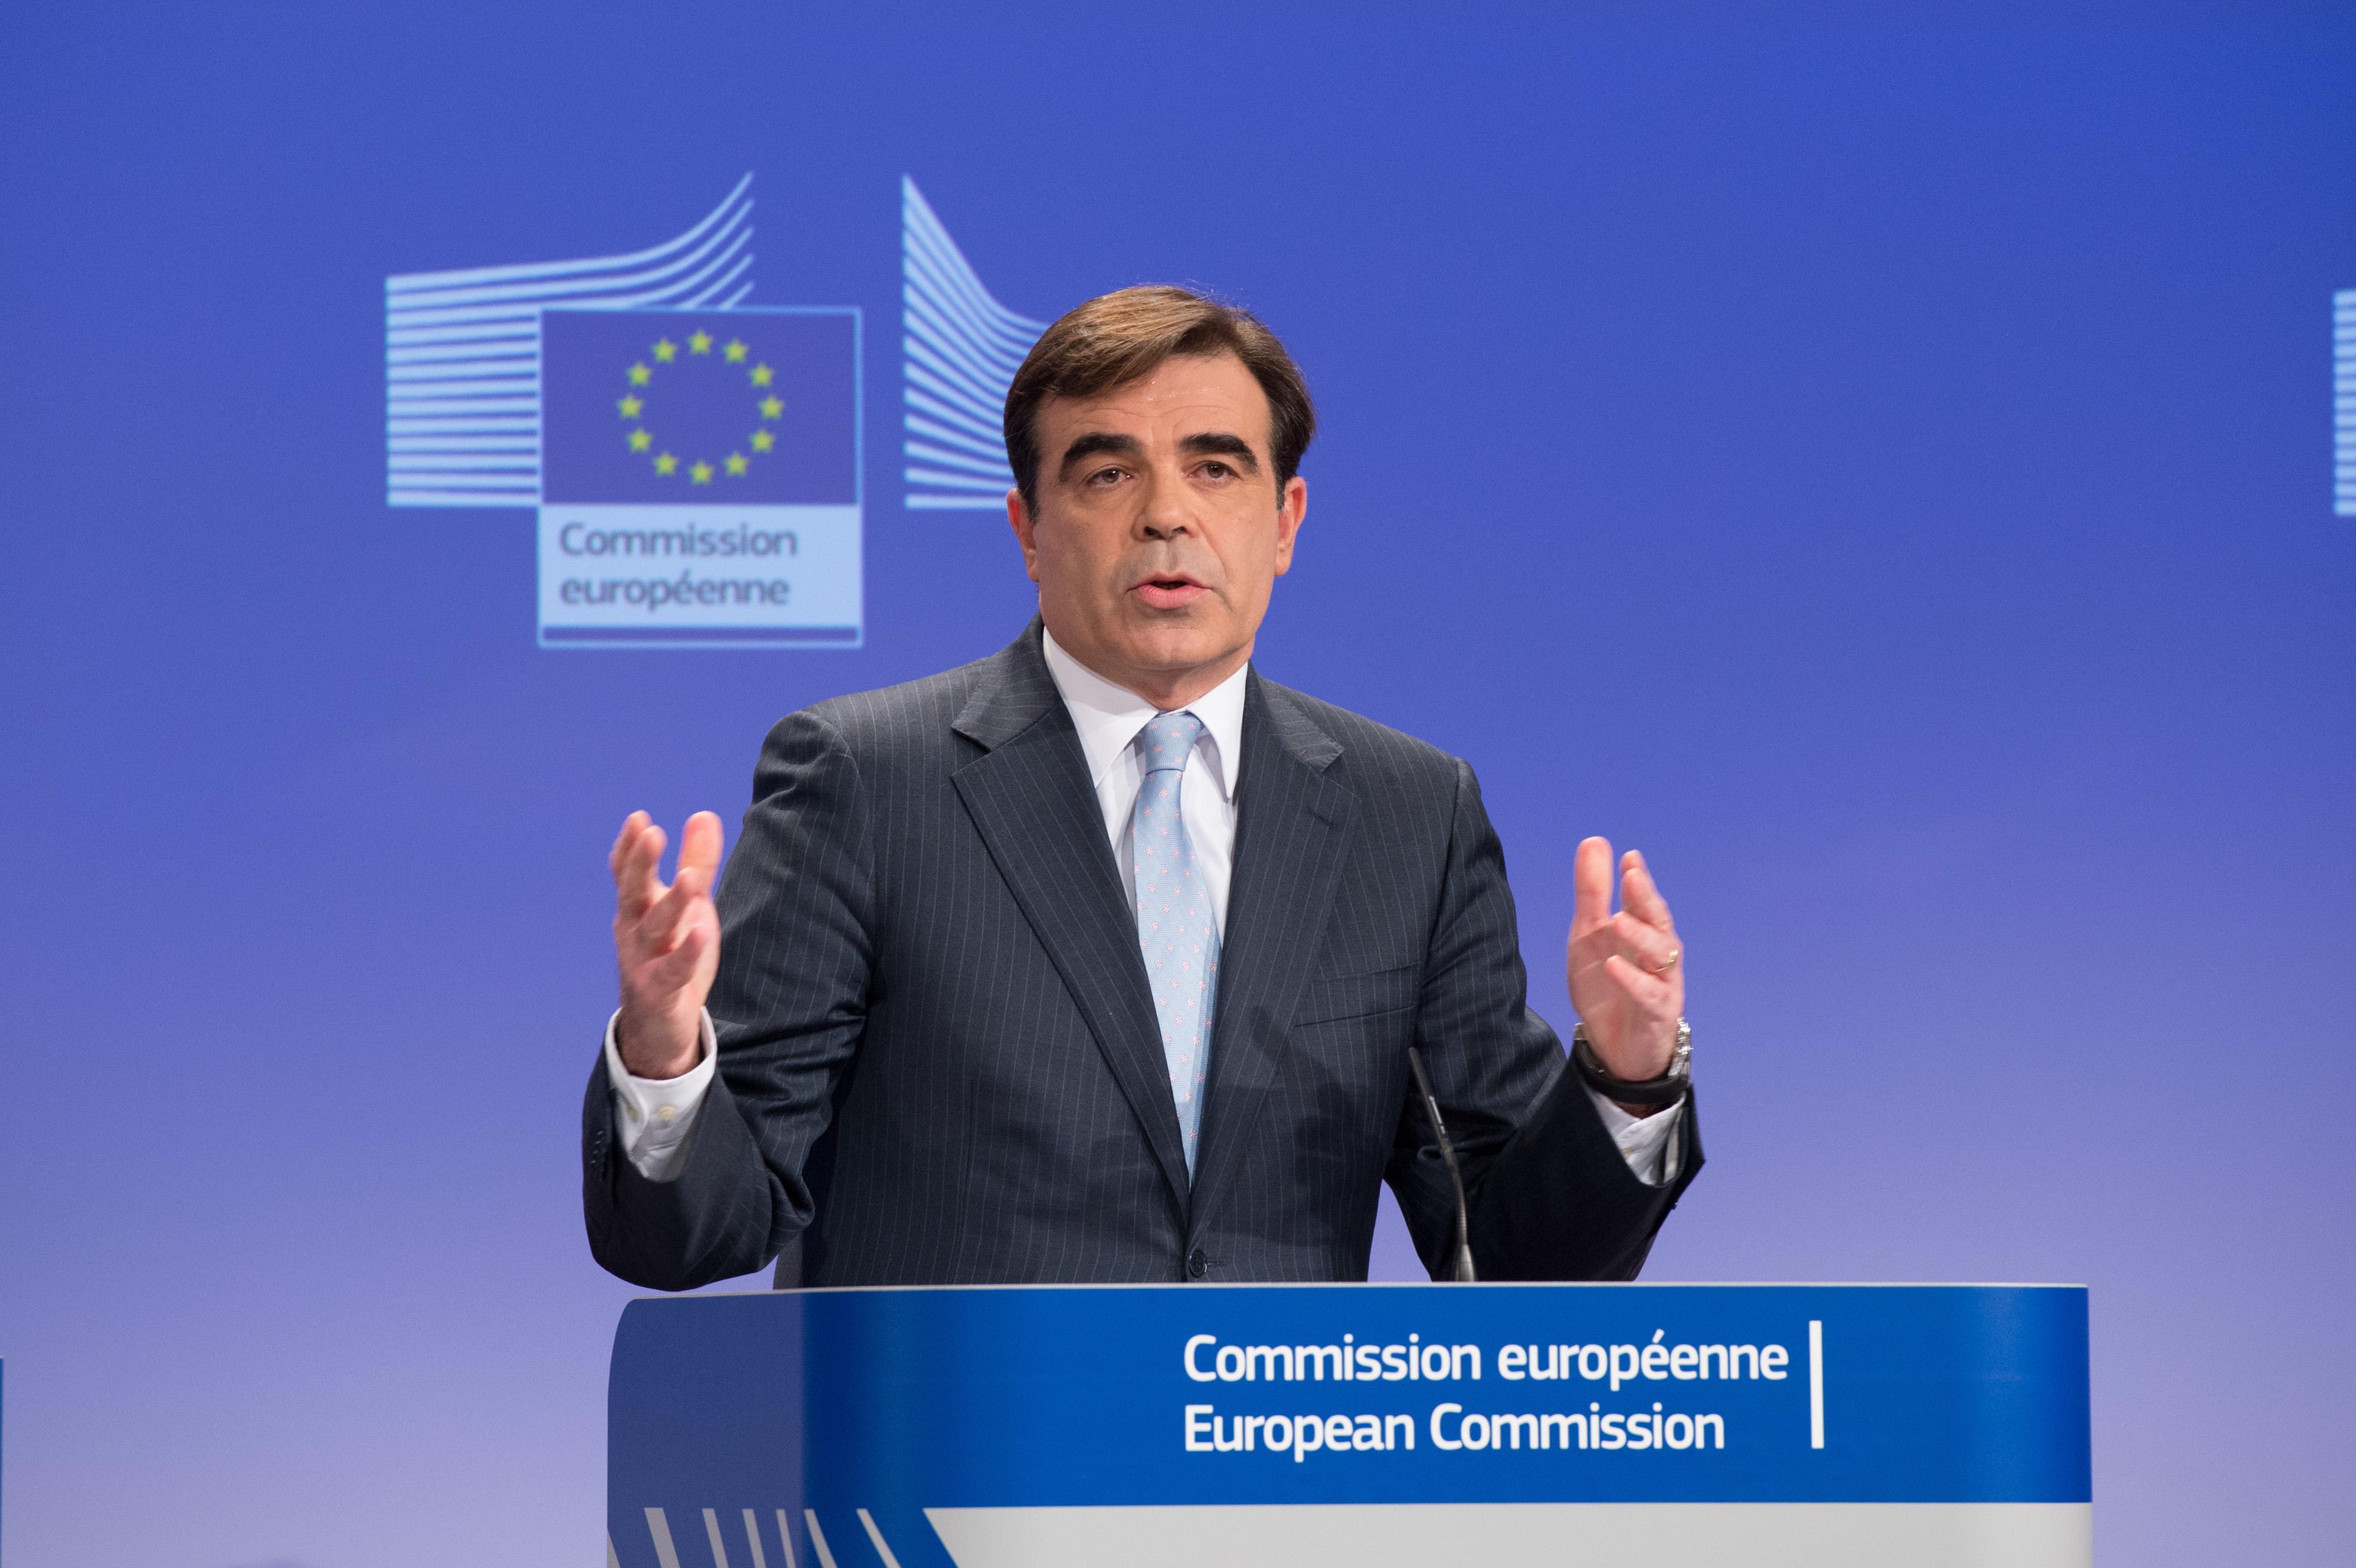 Δε σχολιάζει το ενδεχόμενο ανάληψης της πρωθυπουργίας από την Μογκερίνι η Επιτροπή